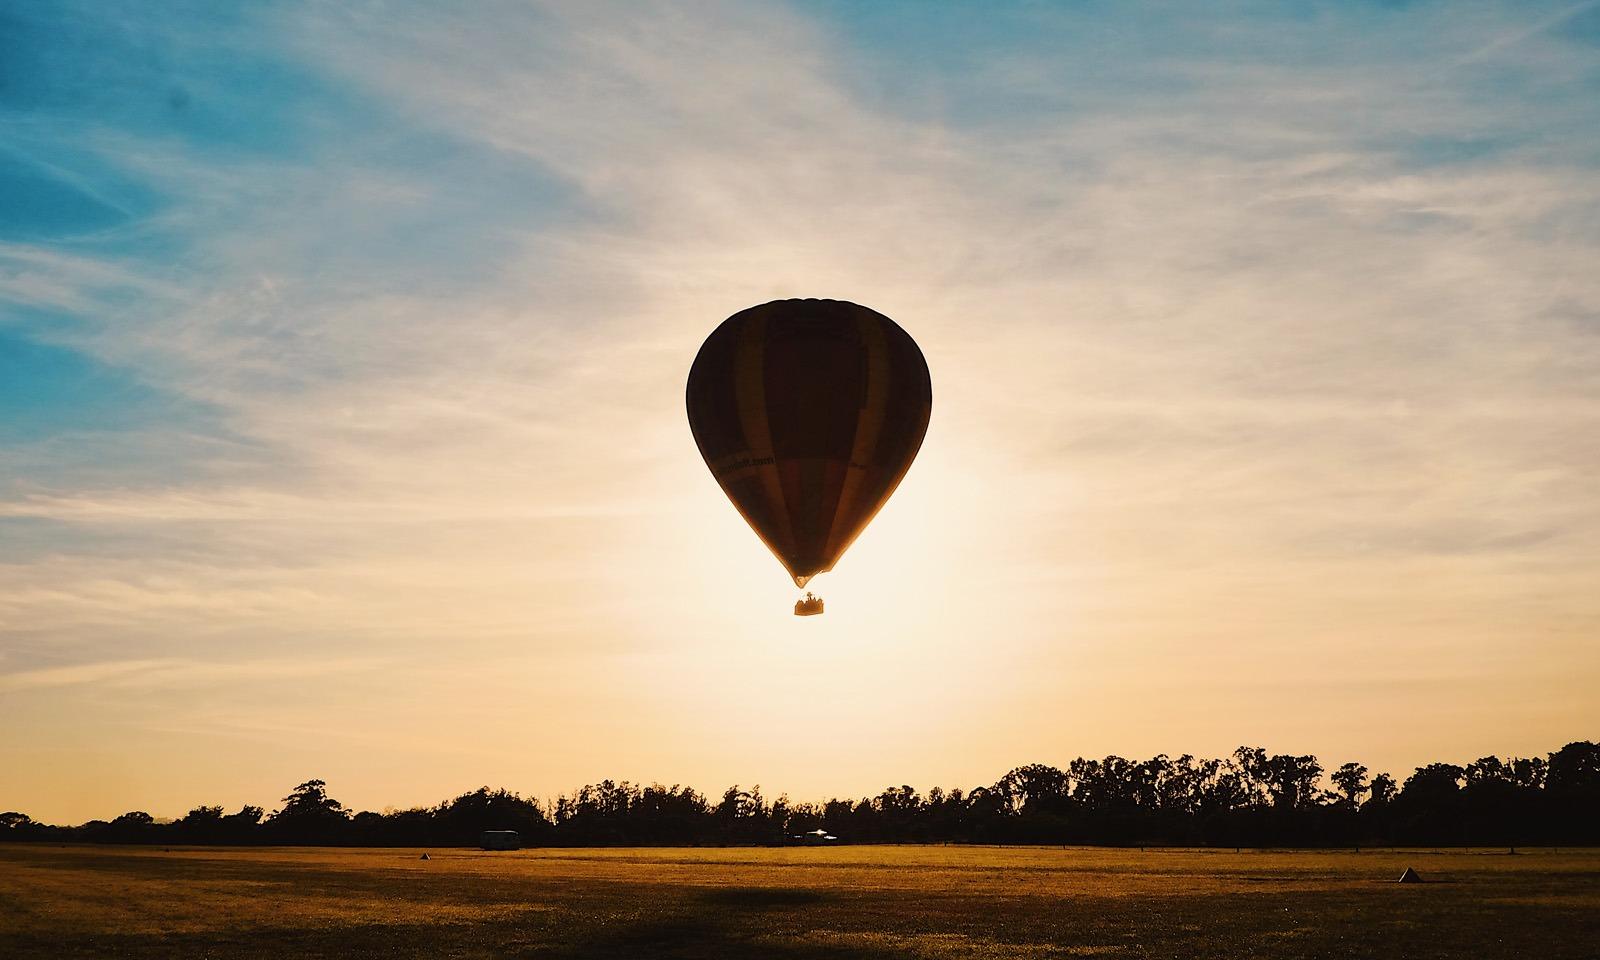 Hình ảnh bình minh và khinh khí cầu ngắm bình minh